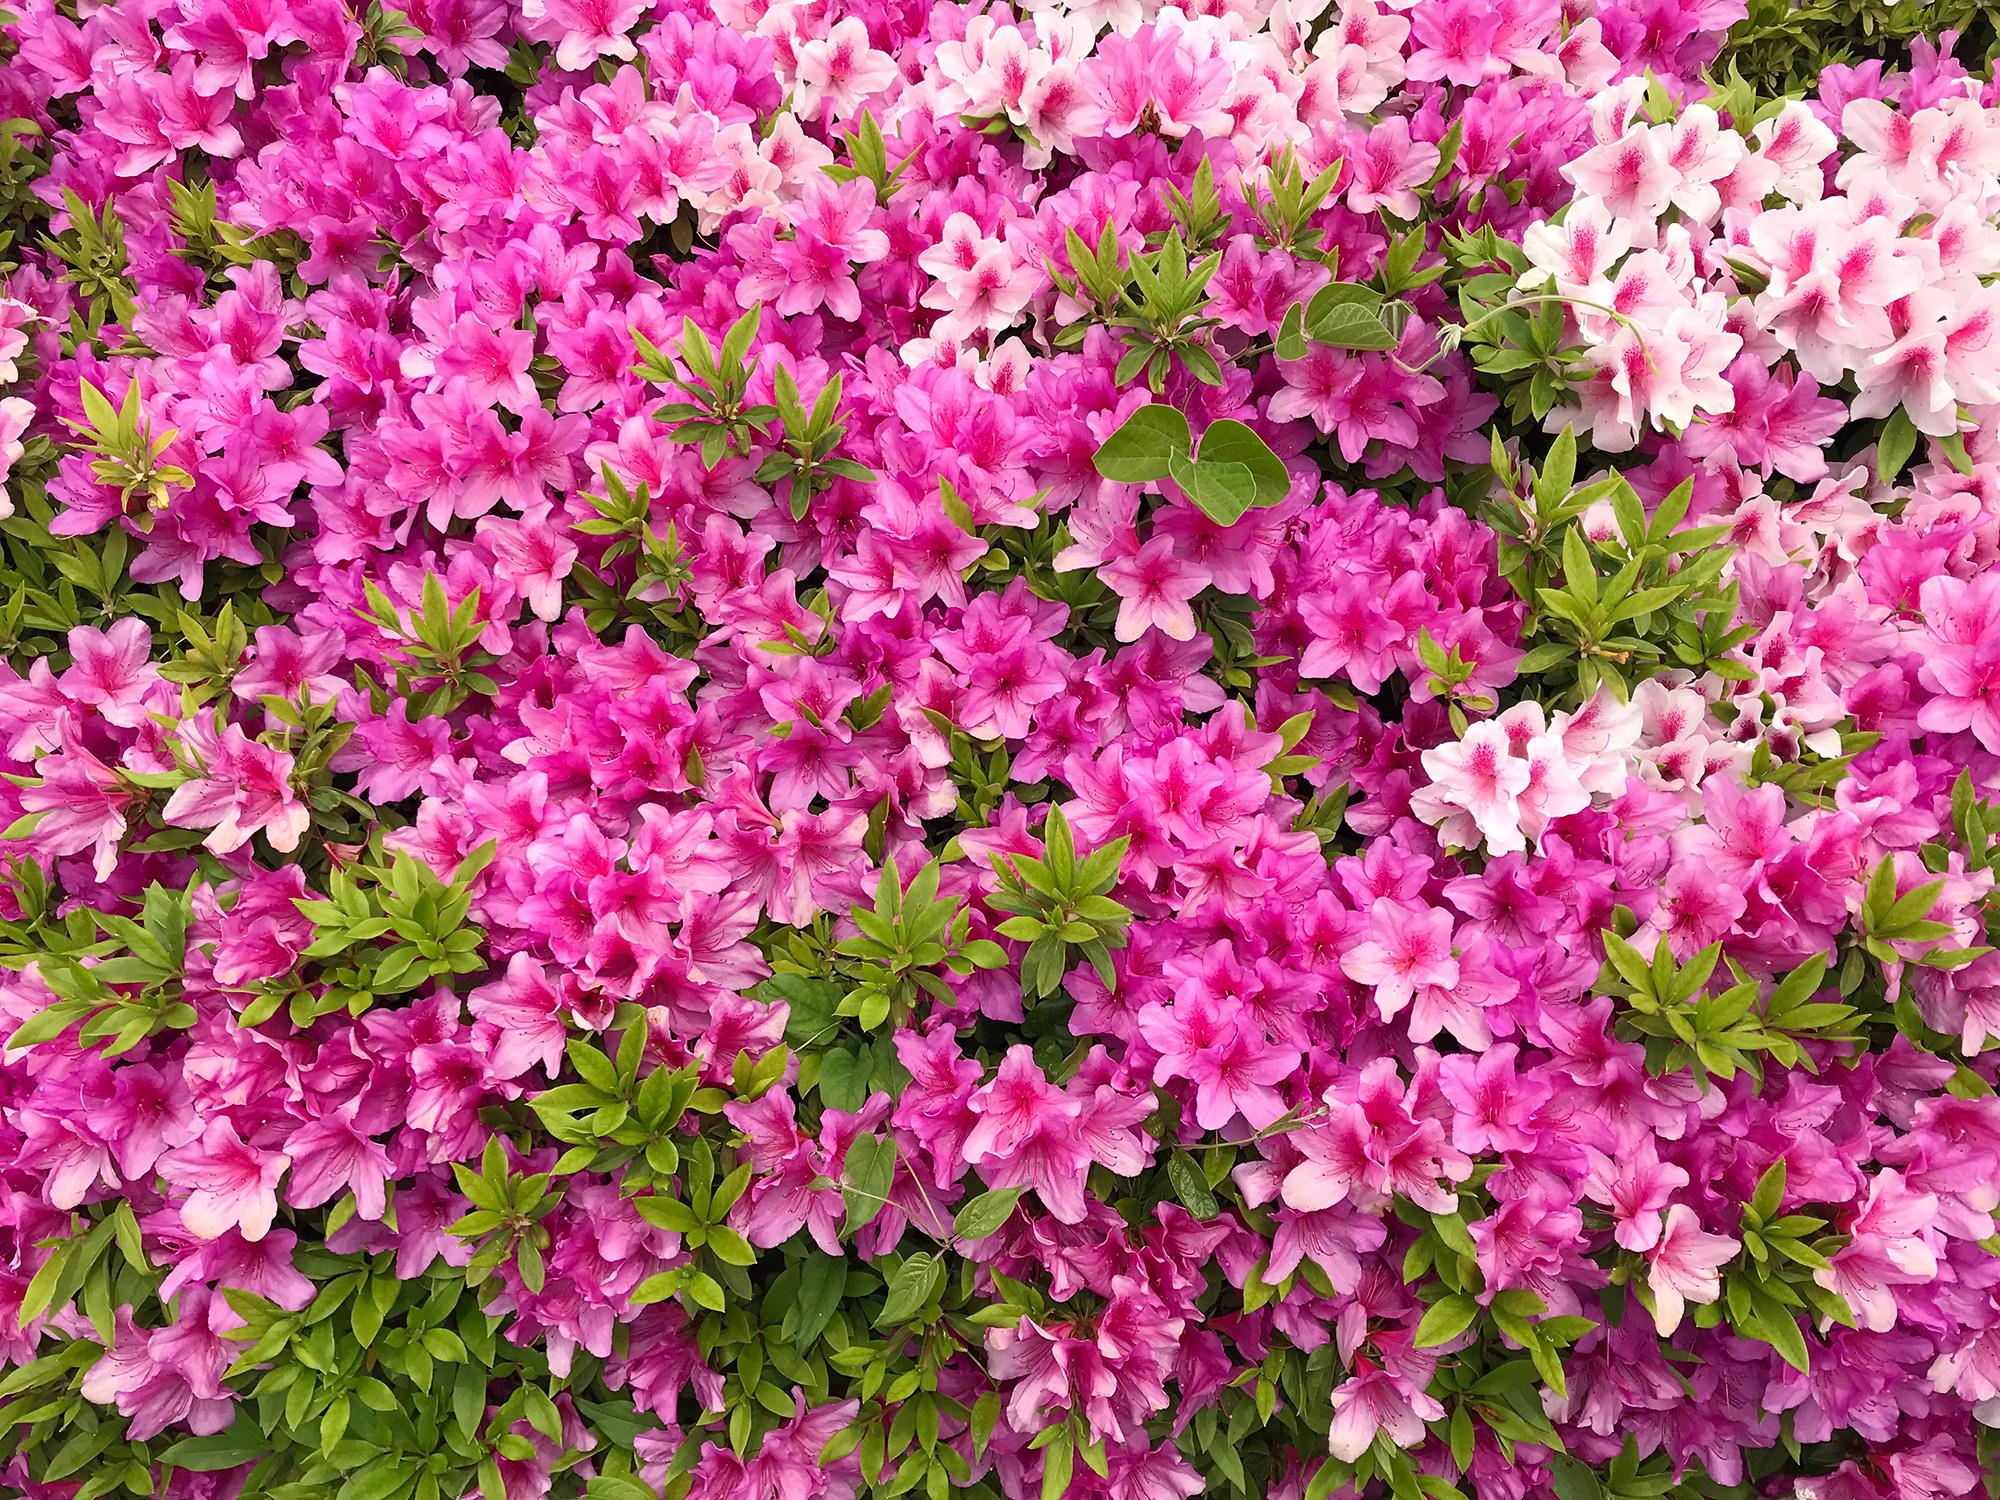 たくさんのツツジの花の写真素材(フリー)